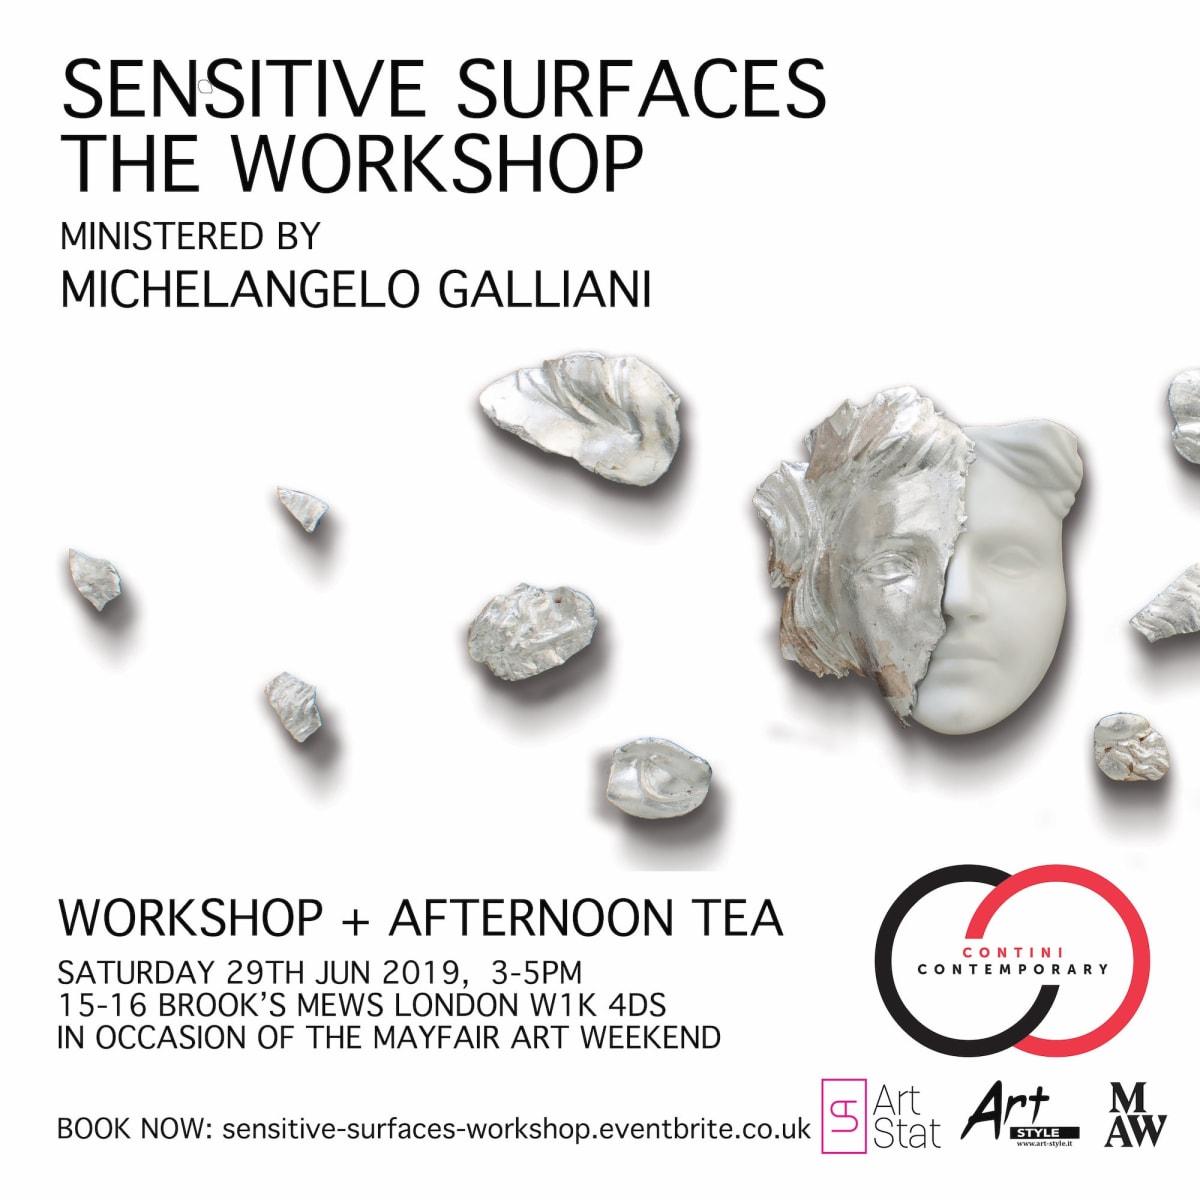 Sensitive Surfaces The Workshop 29 Jun 2019